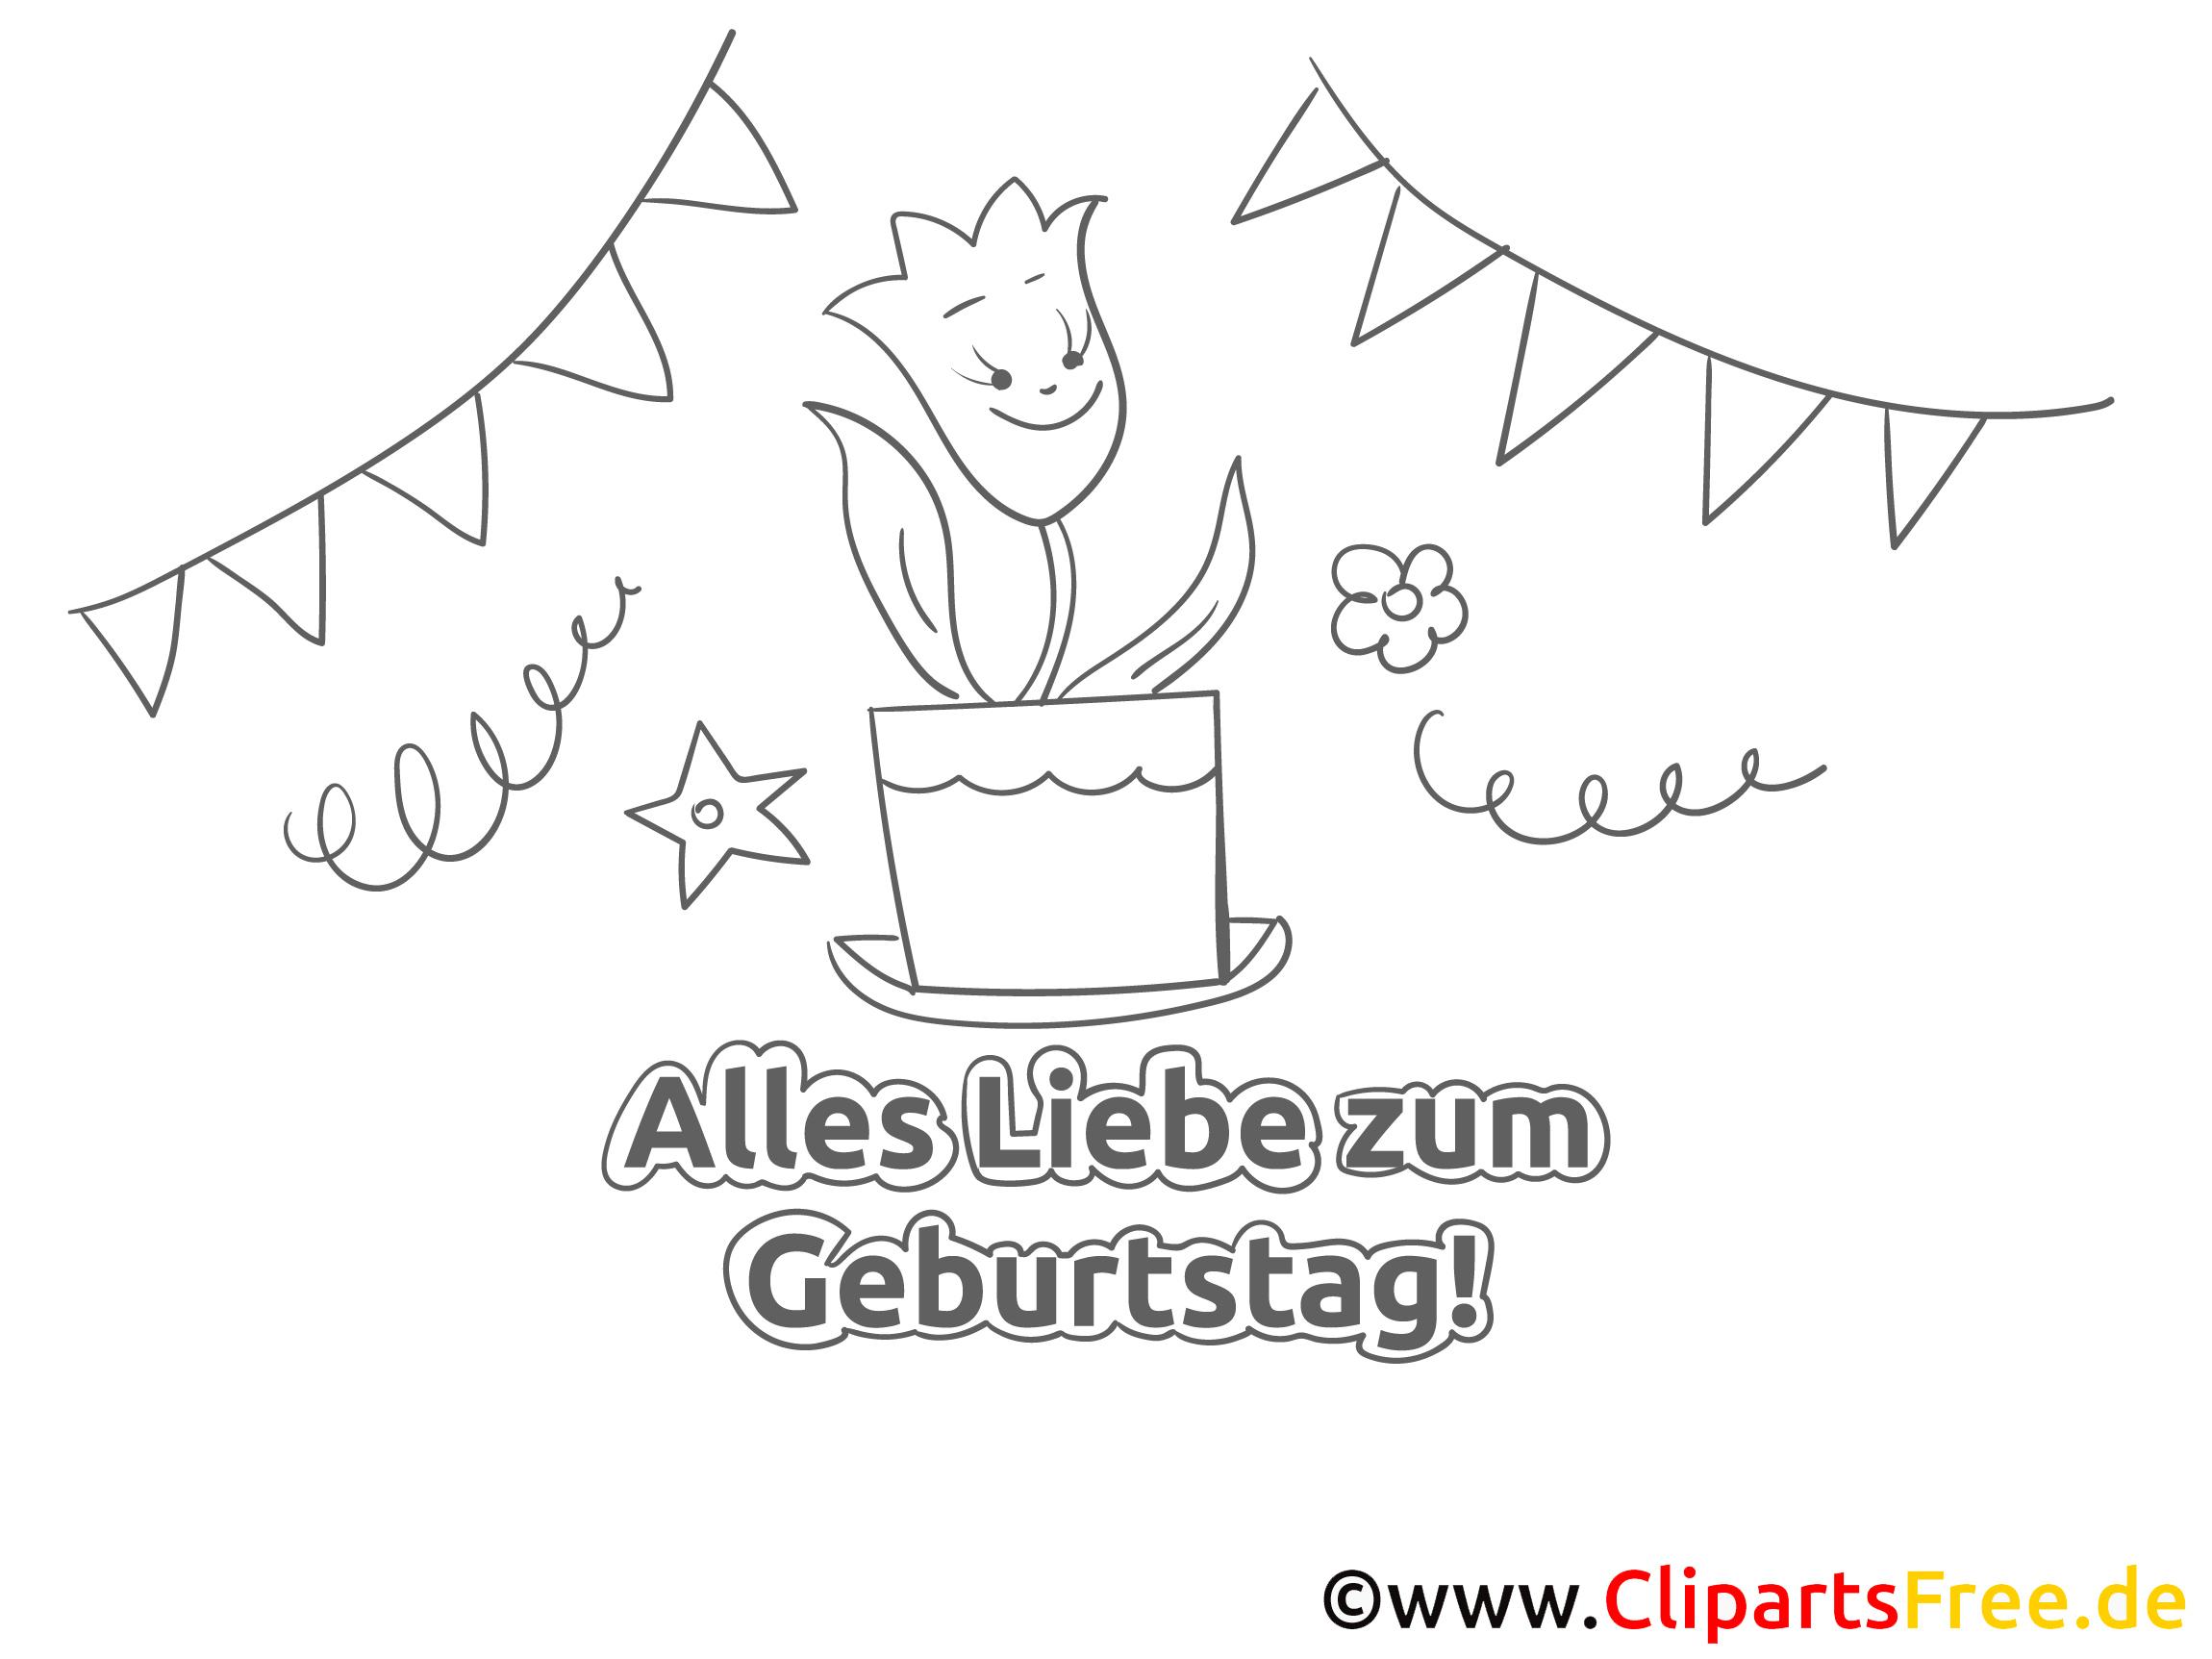 Ausmalbilder Blumenstrauß Geburtstag : Ausgezeichnet Malblatt Blumen Fotos Malvorlagen Ideen